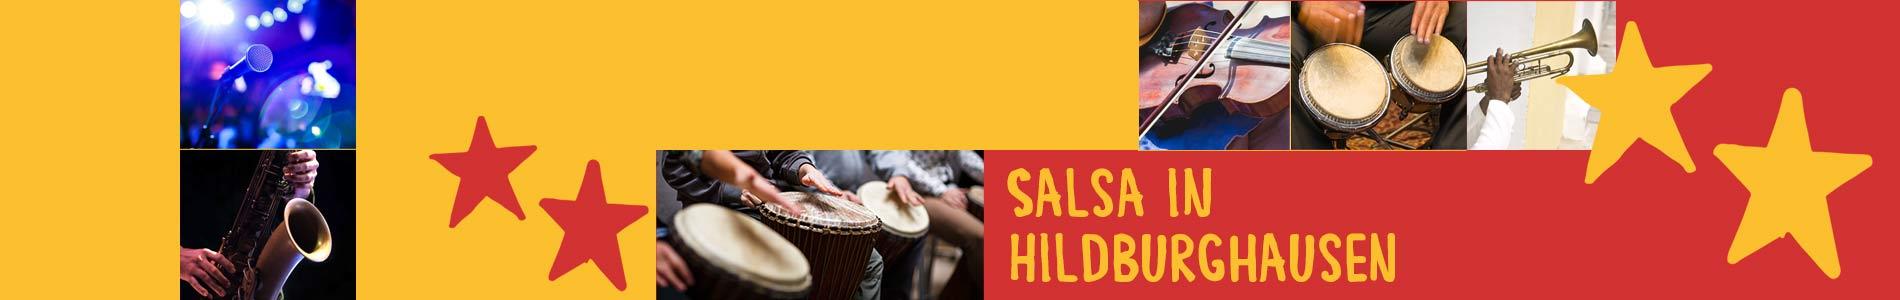 Salsa in Burghausen – Salsa lernen und tanzen, Tanzkurse, Partys, Veranstaltungen